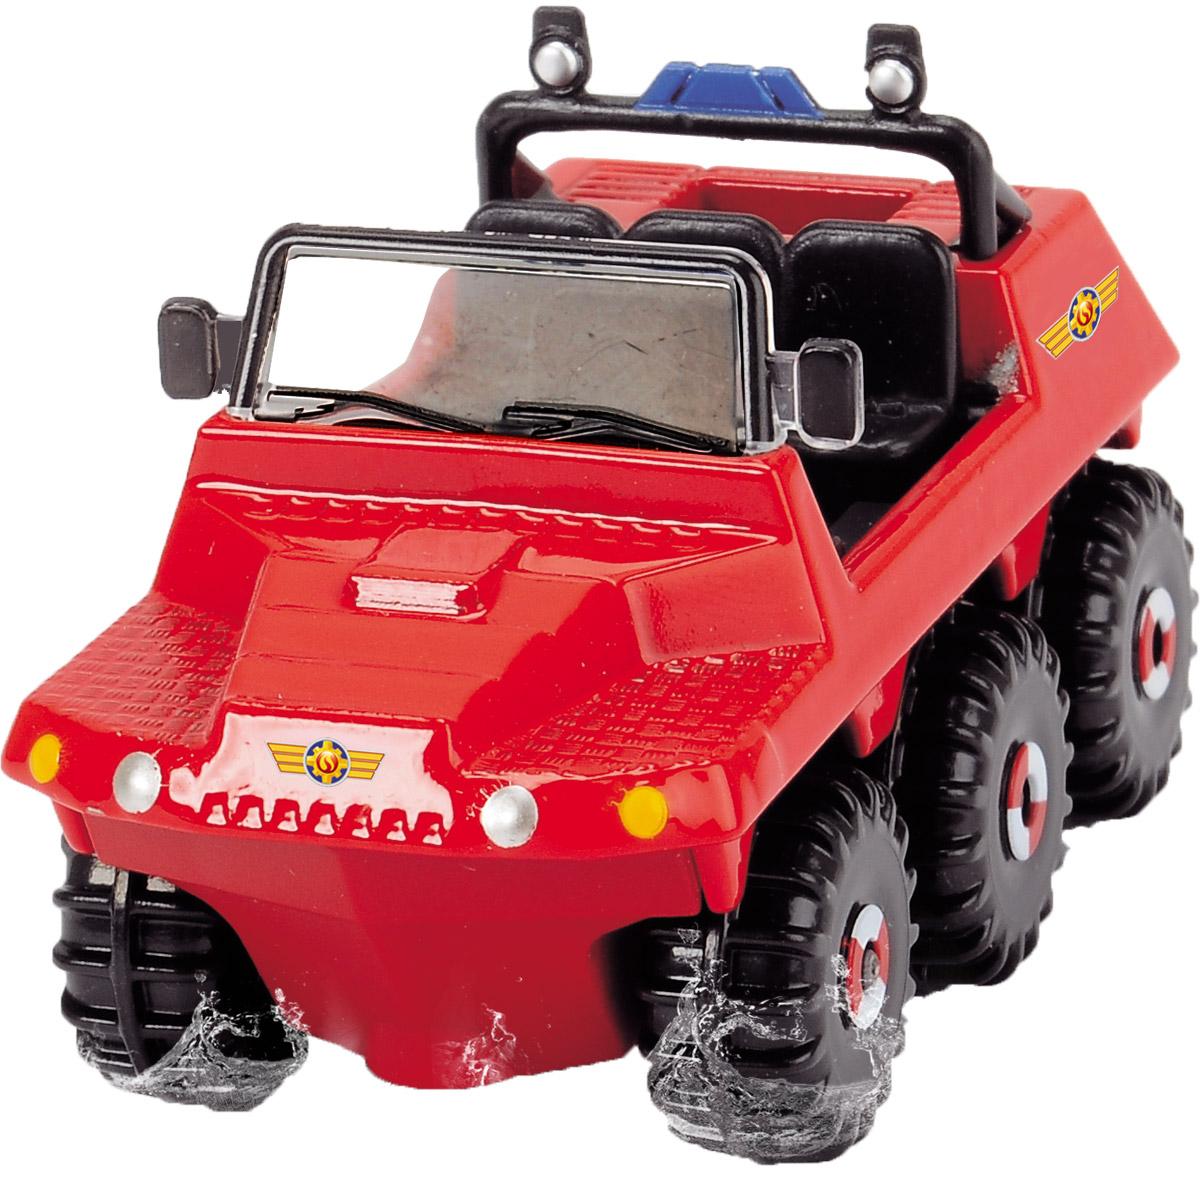 Dickie Toys Пожарная машинка Hydrus3093000_красныйМиниатюрная пожарная машинка Dickie Toys Hydrus выполнена в реалистичном стиле. Это не просто пожарная машина, а настоящий вездеход! 6 колес машины свободно крутятся и проедут по любому бездорожью. Кабина оснащена креслом водителя и тремя креслами для пассажиров. Машинка изготовлена из прочного яркого металла с элементами из пластика. Ваш ребенок сможет часами играть с пожарной машиной, придумывая разные истории. Пополните коллекцию моделей пожарной техники другими игрушками из серии Пожарный Сэм и организуйте собственную пожарную станцию!